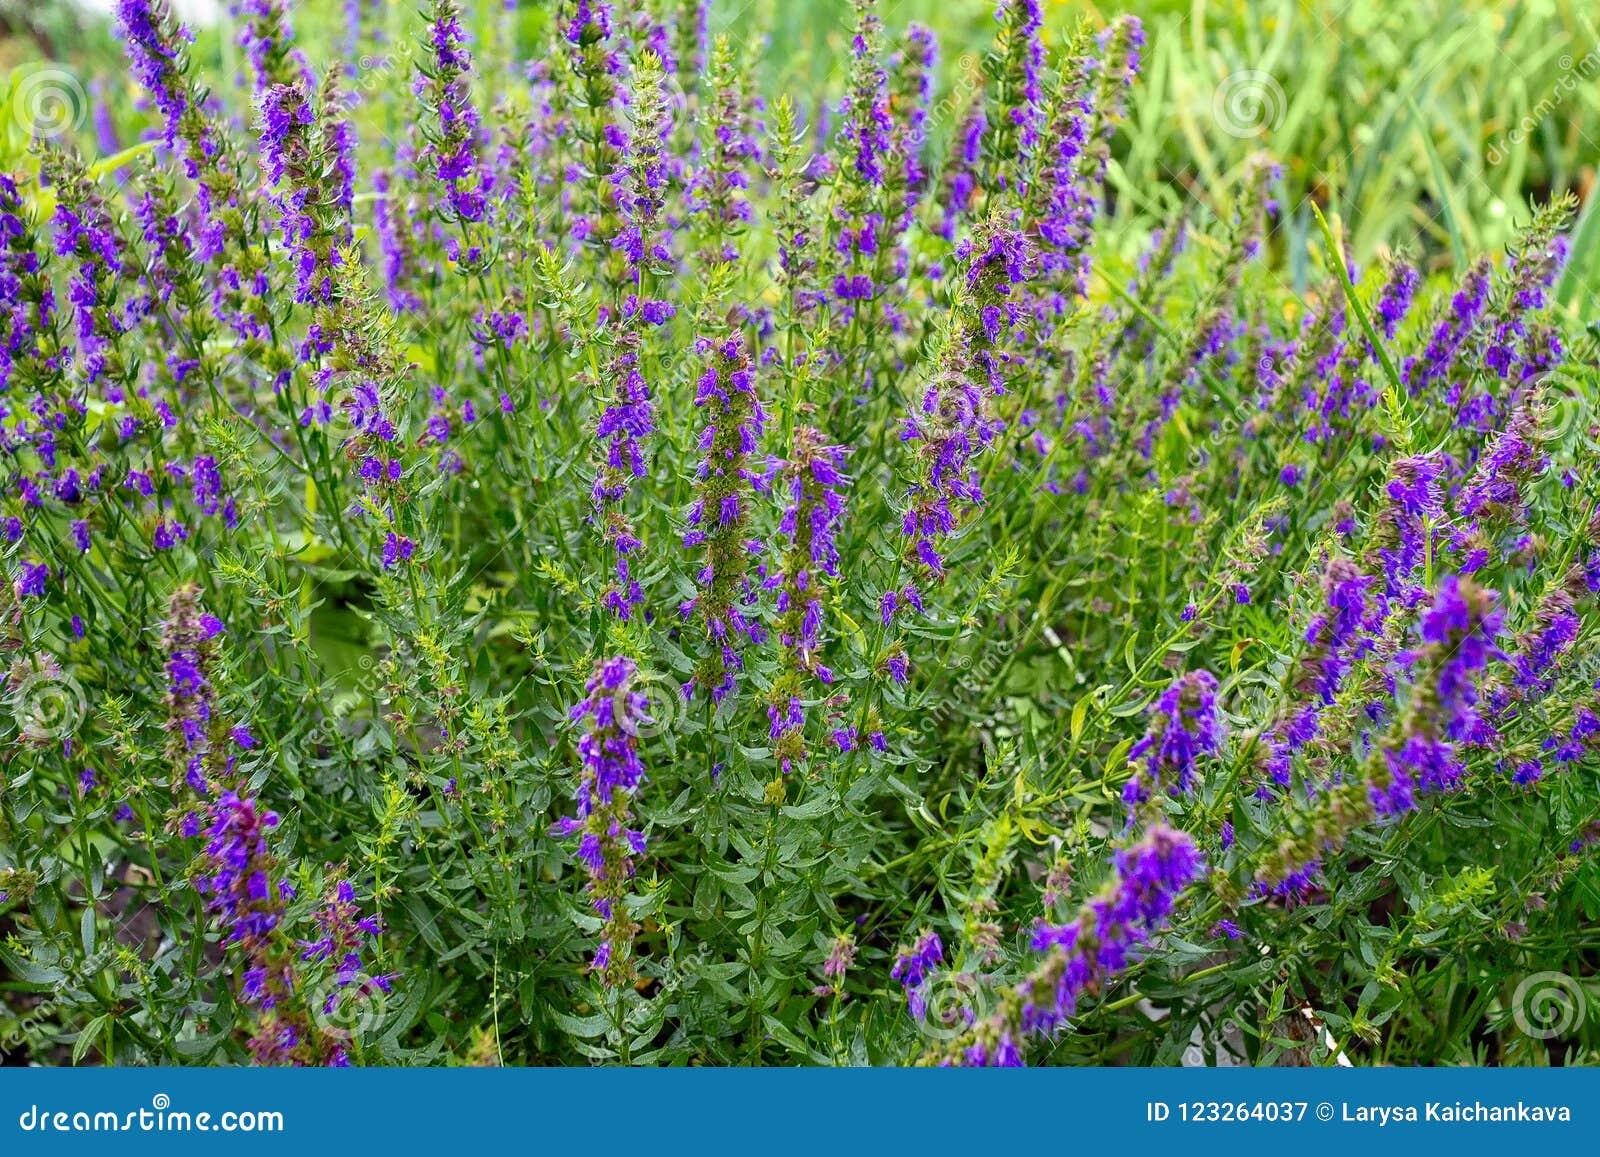 Hyssopus officinalis海索草紫色花